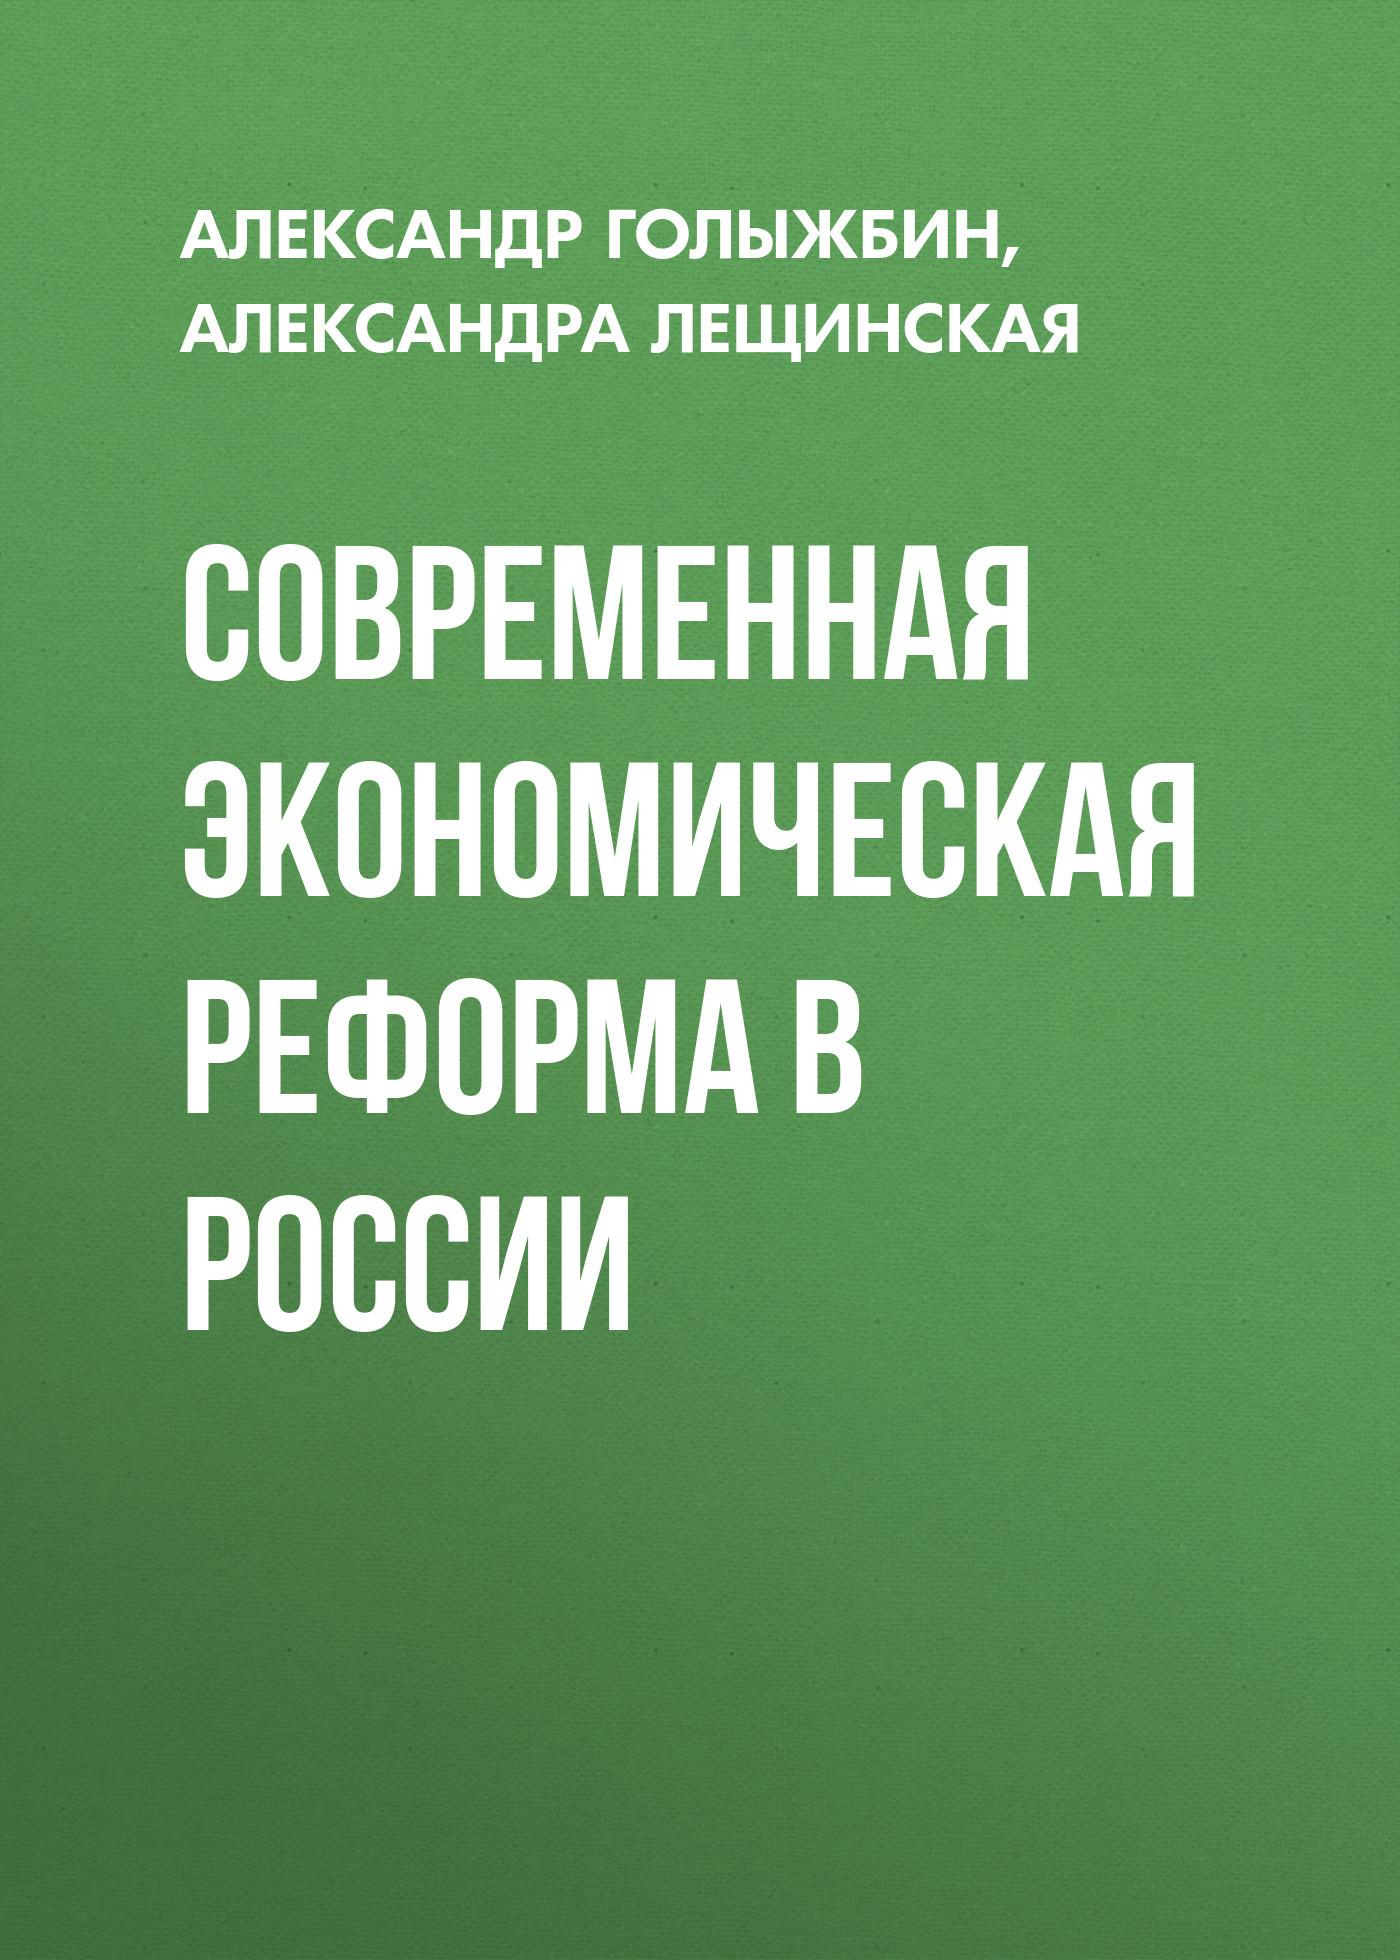 Александра Лещинская. Современная экономическая реформа в россии